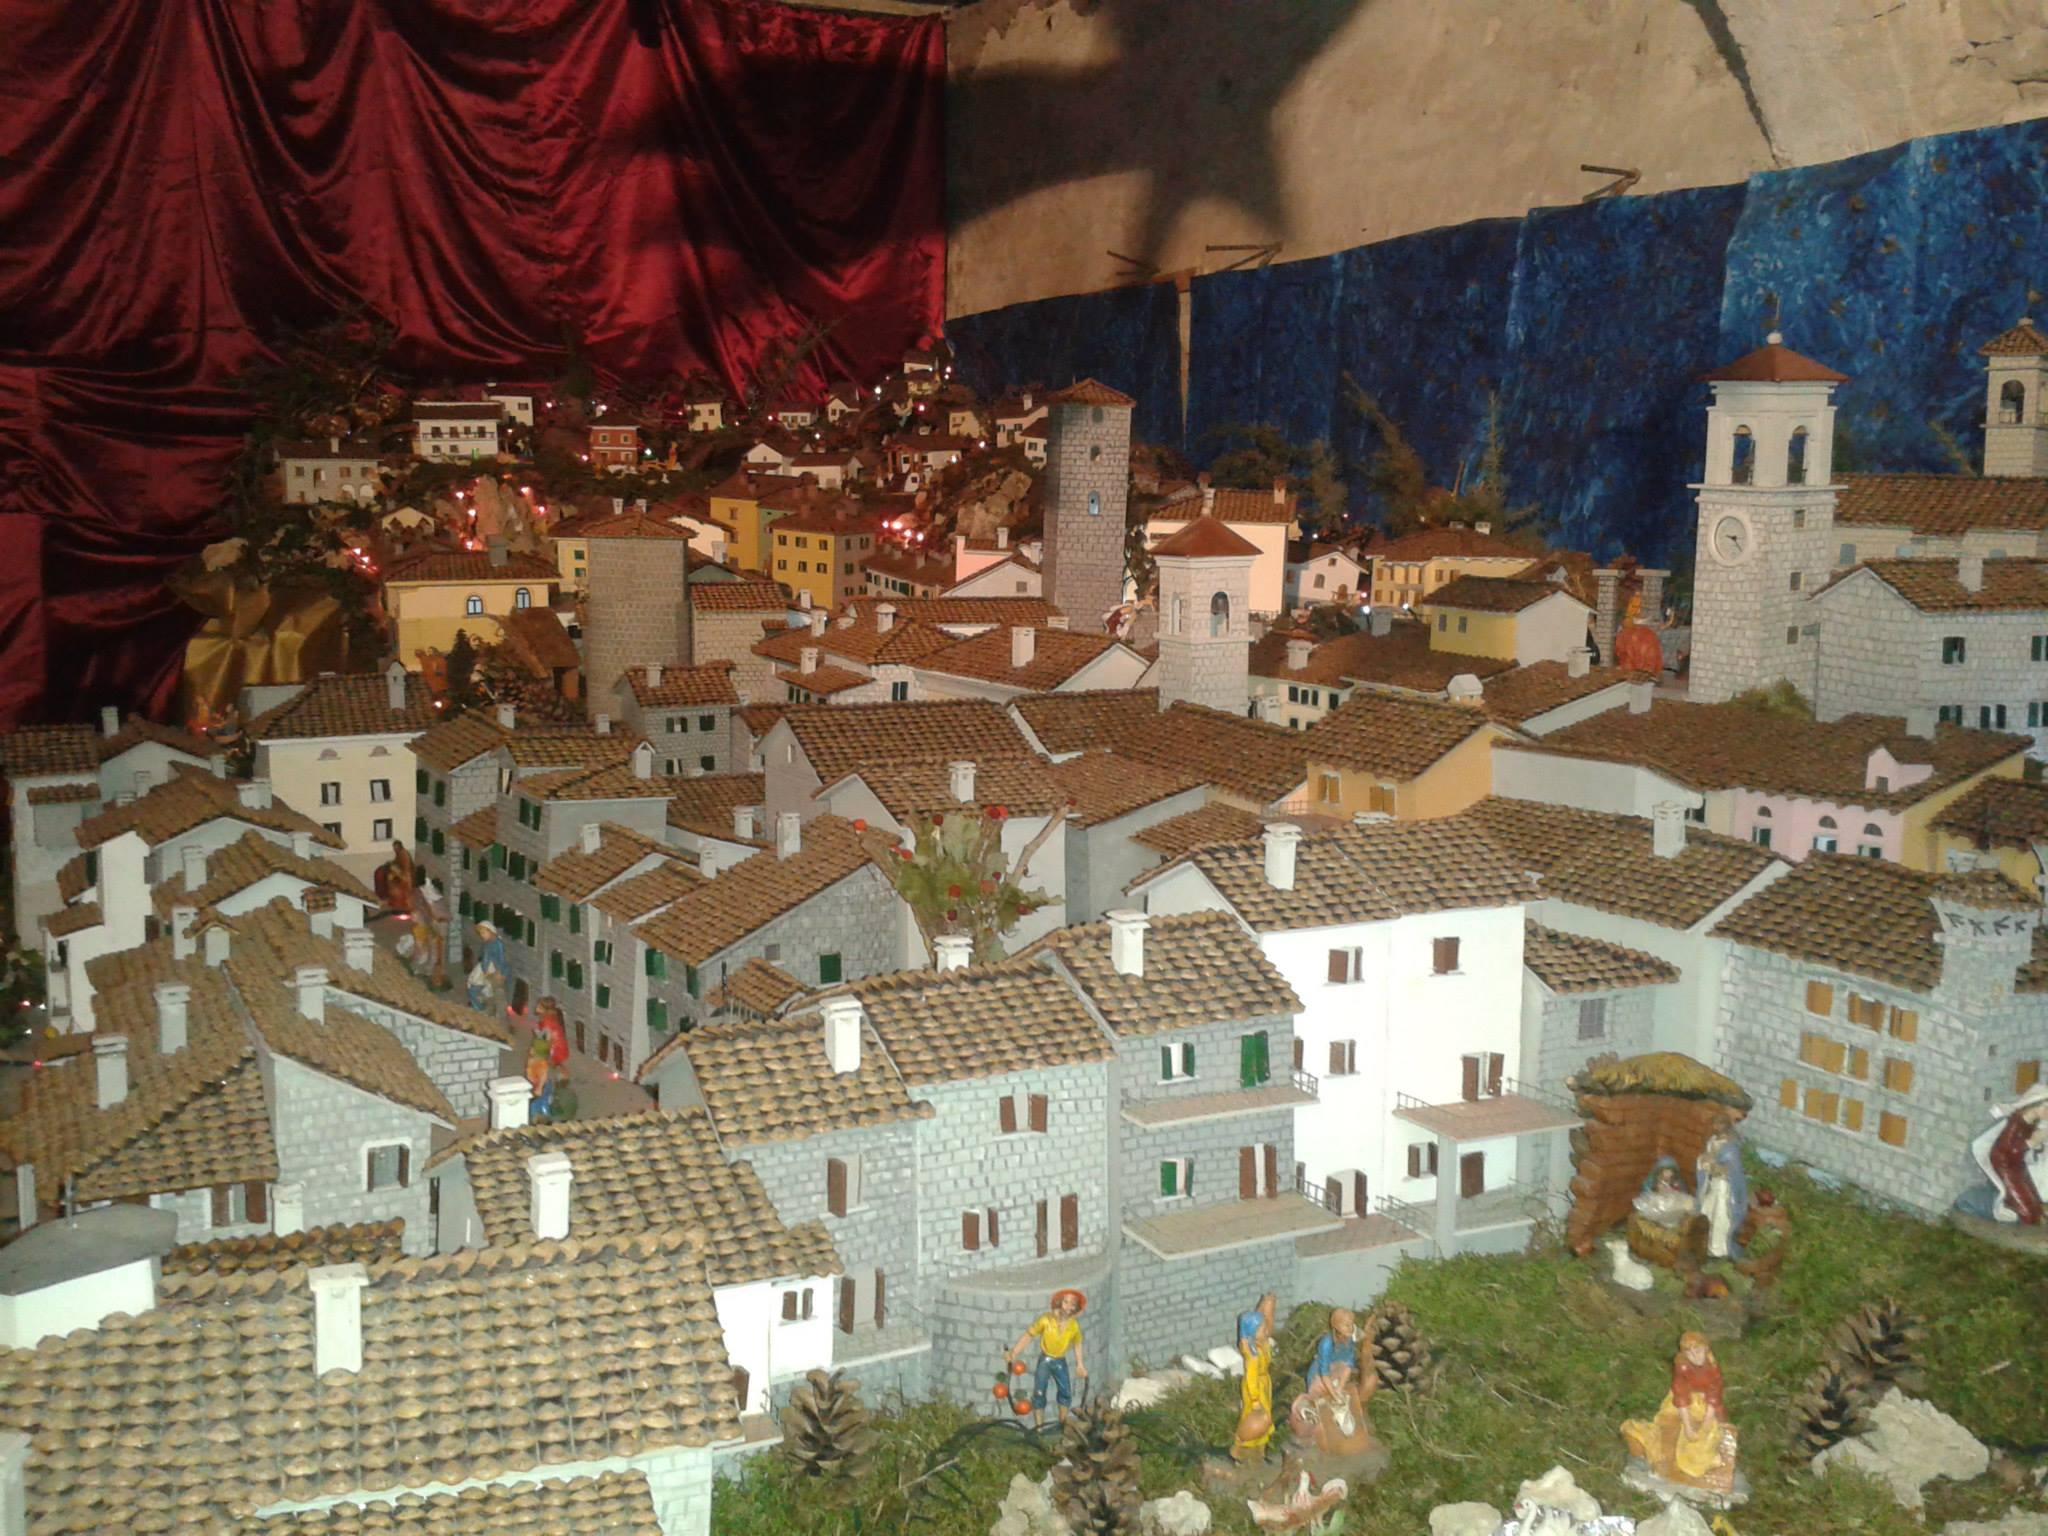 Presepe Portico di Romagna